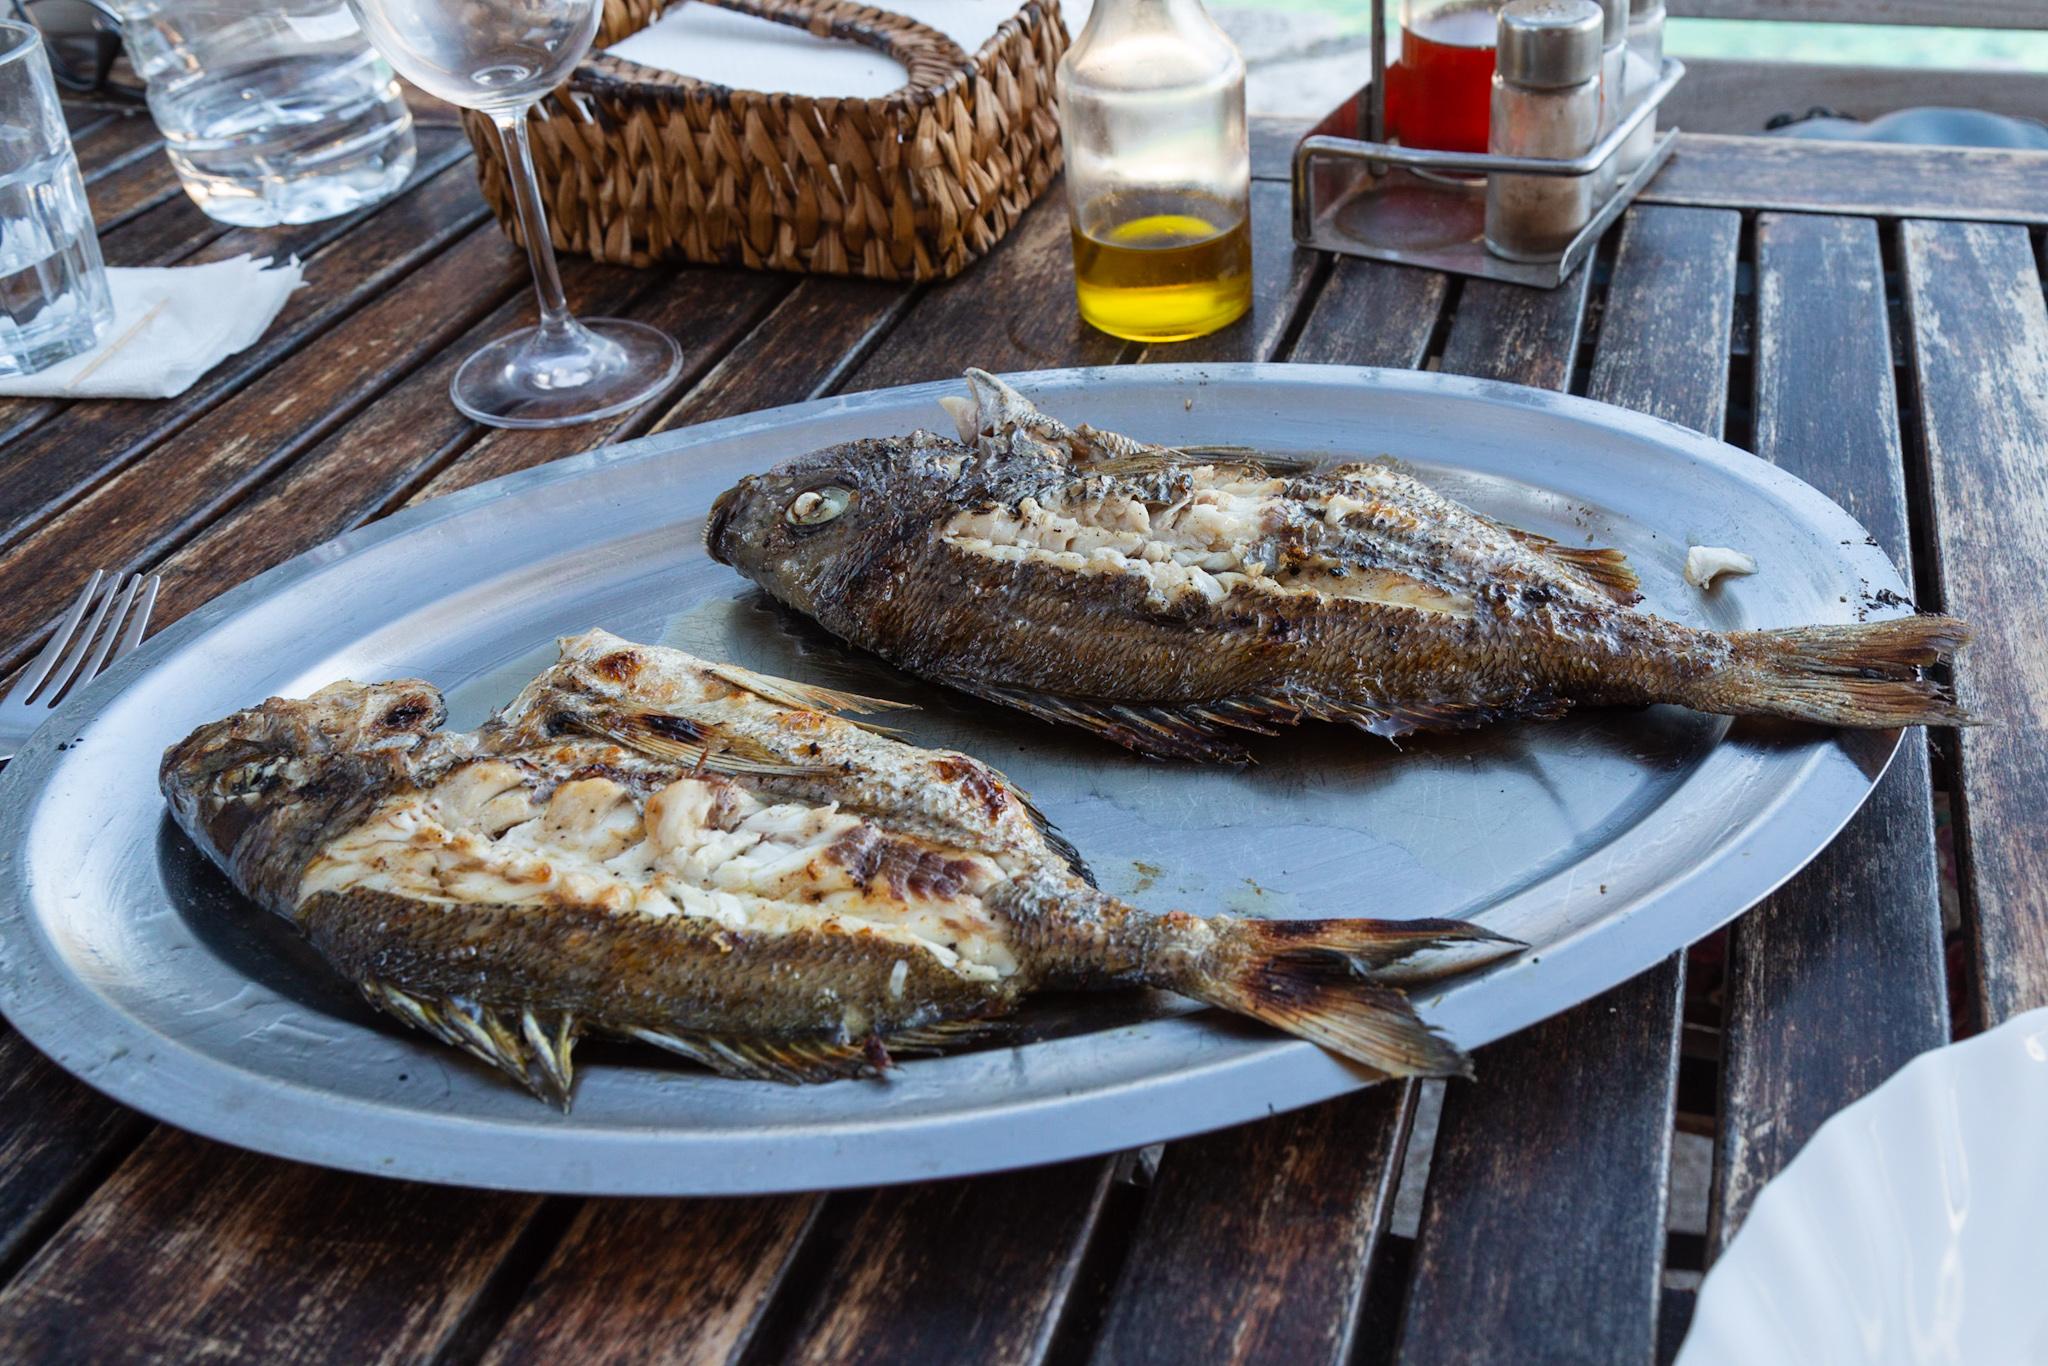 Grilled fish at Konoba Senko